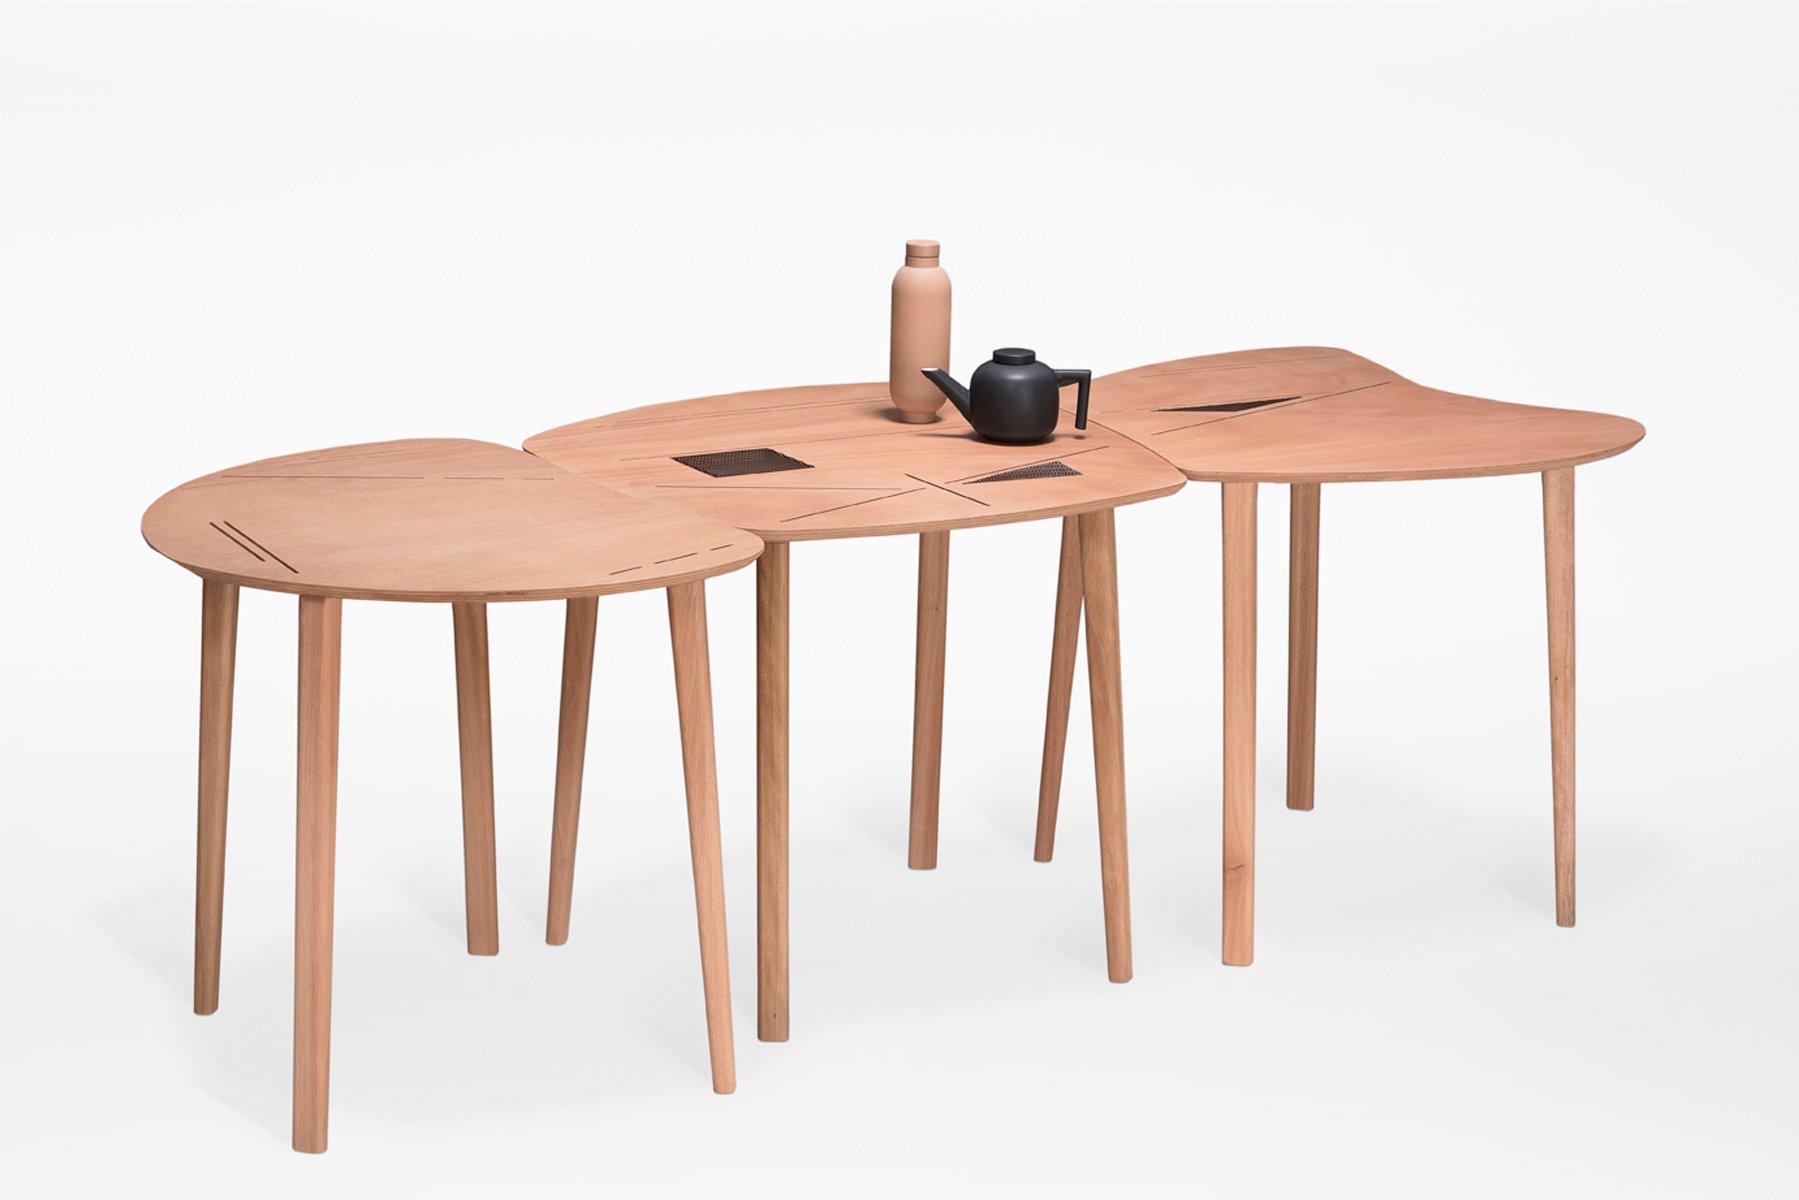 Tavolo pieghevole liande da interno e da esterno di kathrin charlotte bohr per jacobsroom in - Tavolo pieghevole da esterno ...